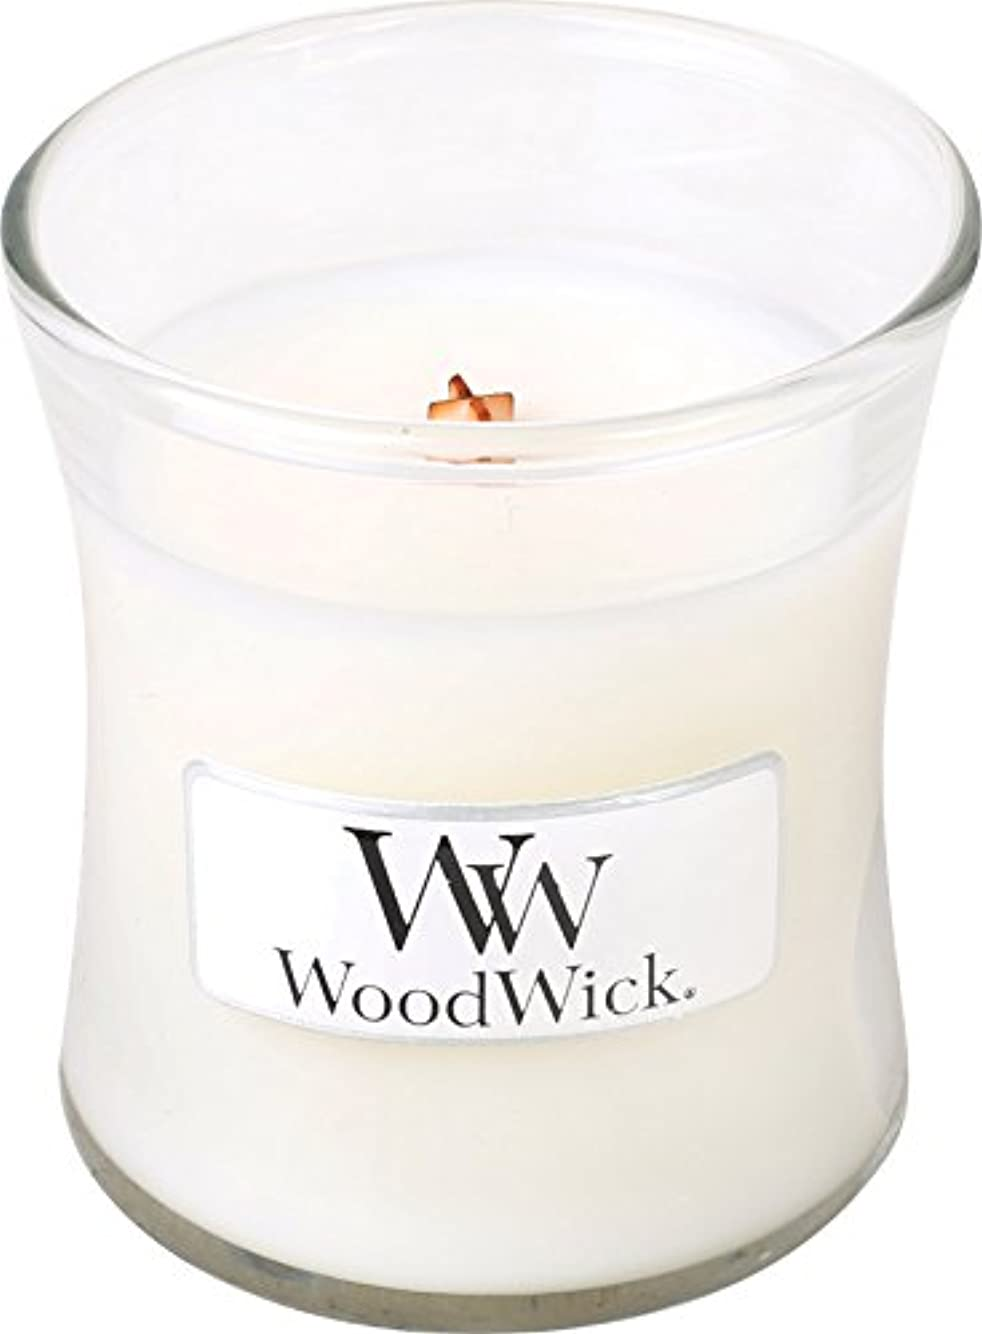 小人酸っぱいあえてWood Wick ウッドウィック ジャーキャンドルSサイズ ホワイトティージャスミン